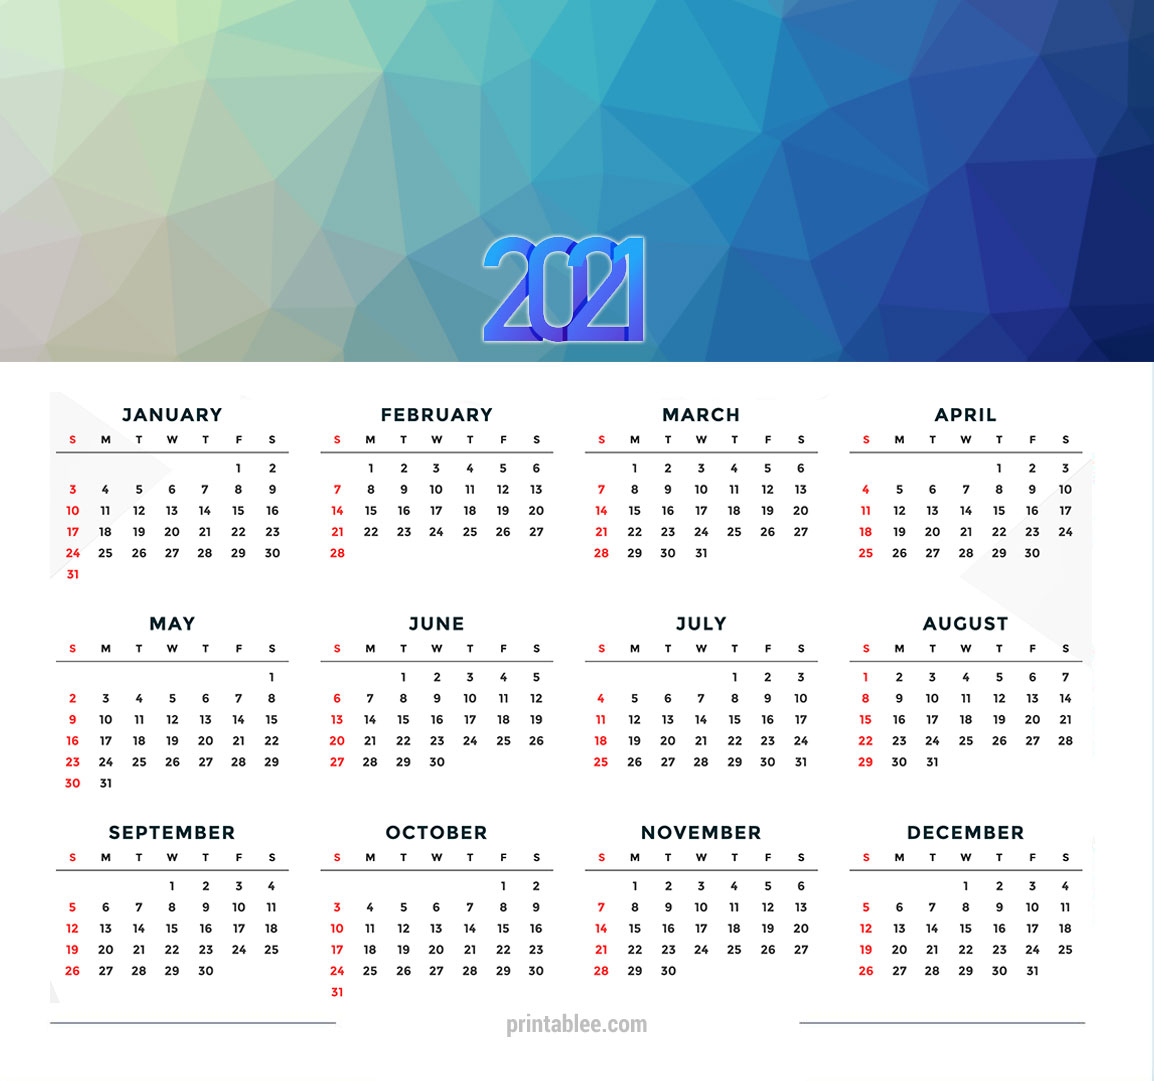 10 Best 2021 Calendar Printable Free - Printablee